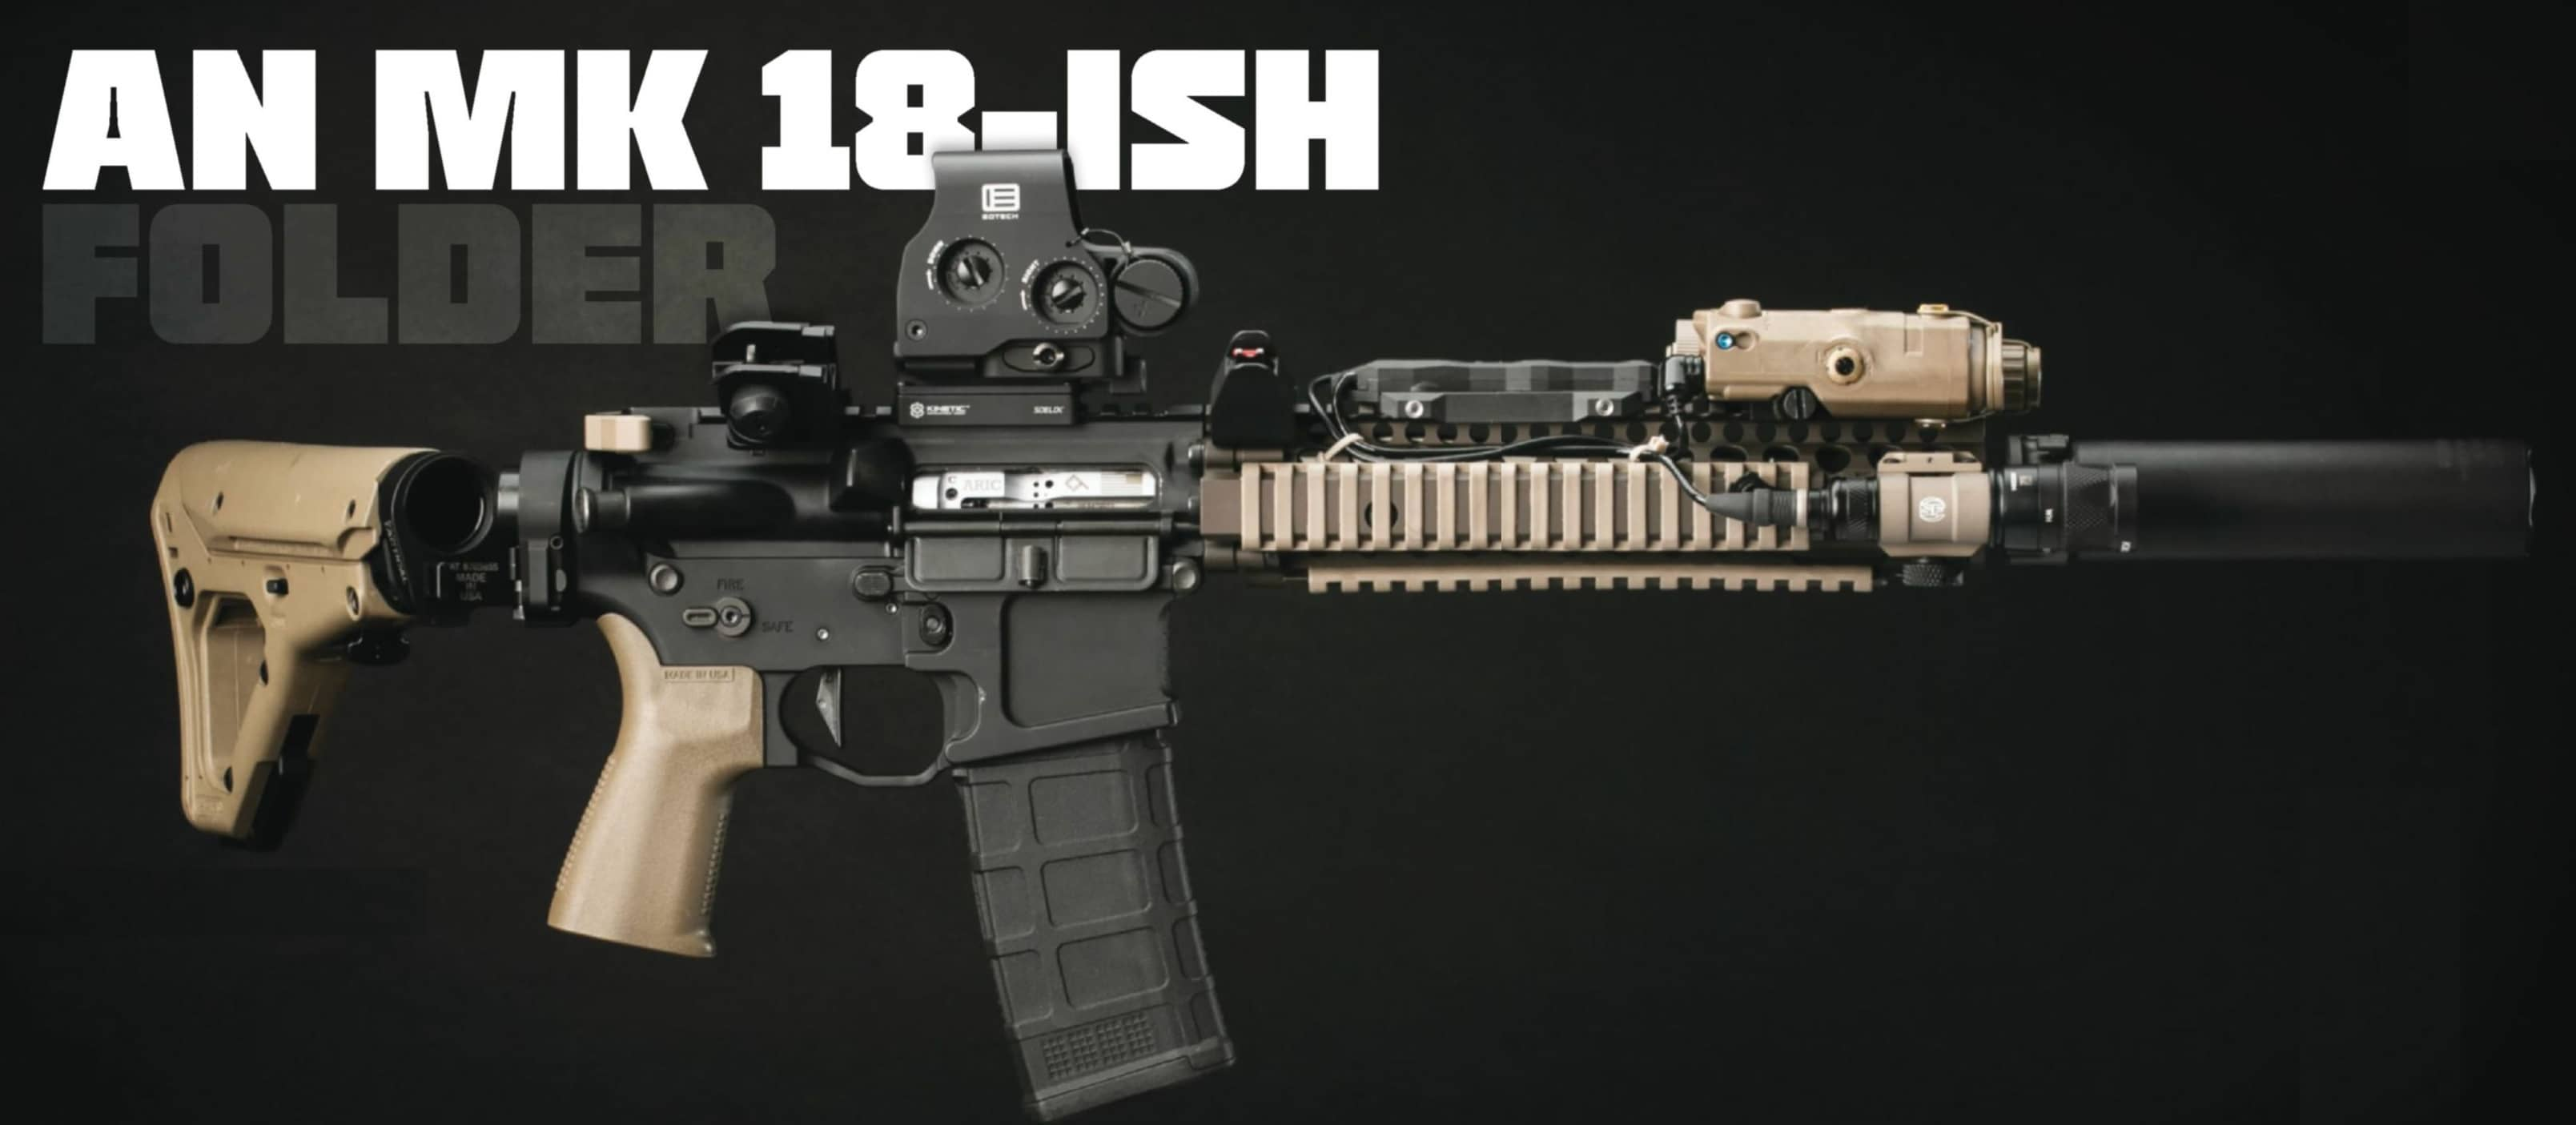 An MK 18-ISH Folder